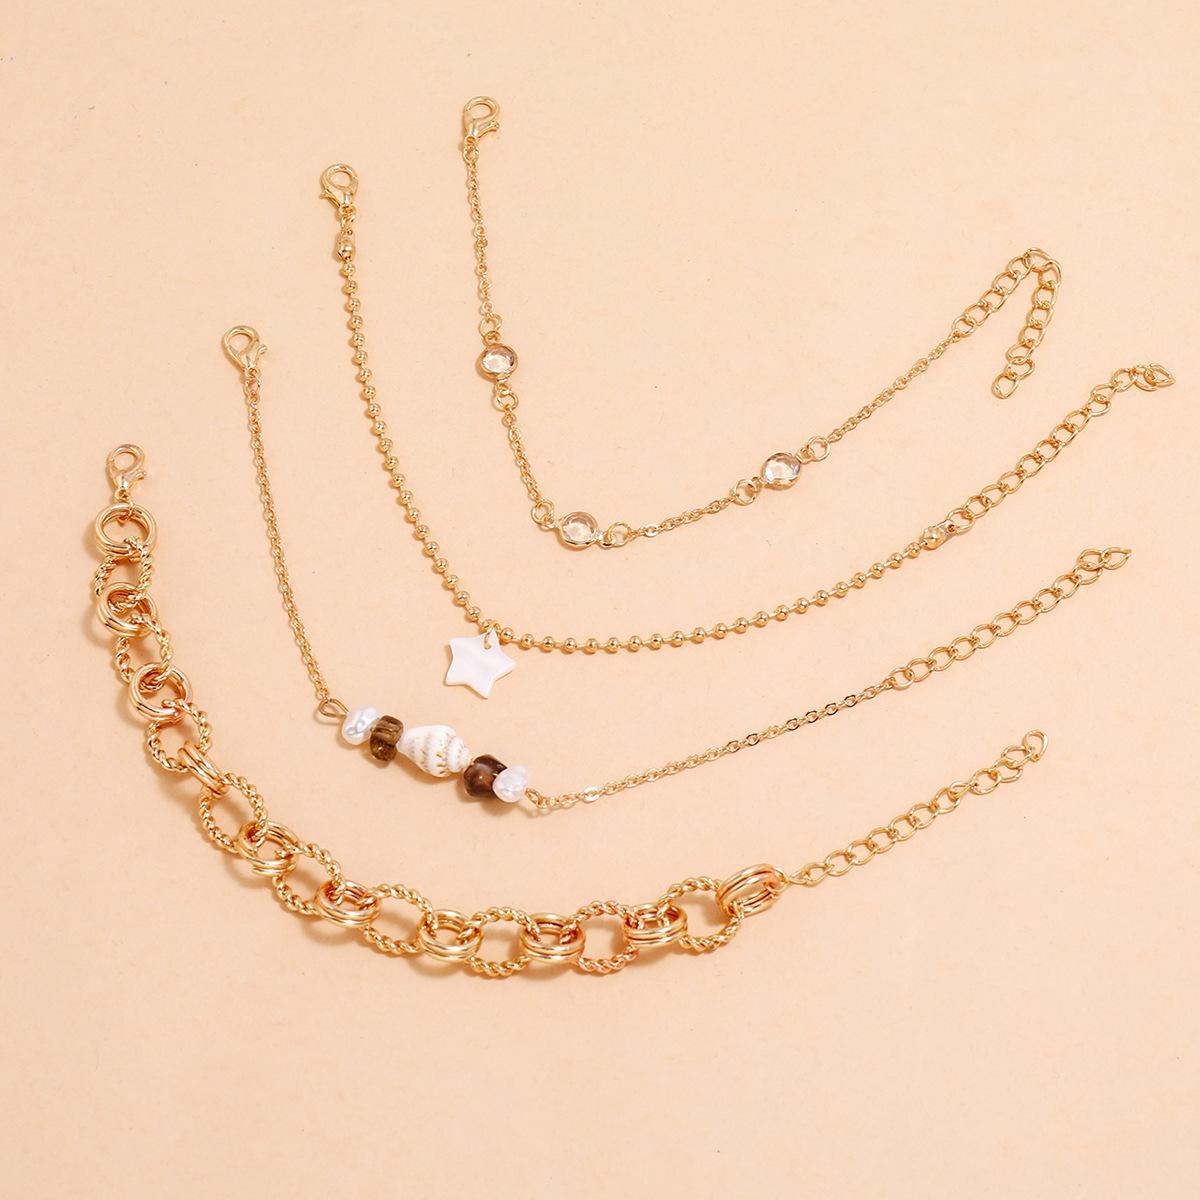 4 шт. / Установка Rhinestone Star Braclets для женщин Gold Color Imitality Pearl Conch Braclet Женская ручная цепочка набор новых